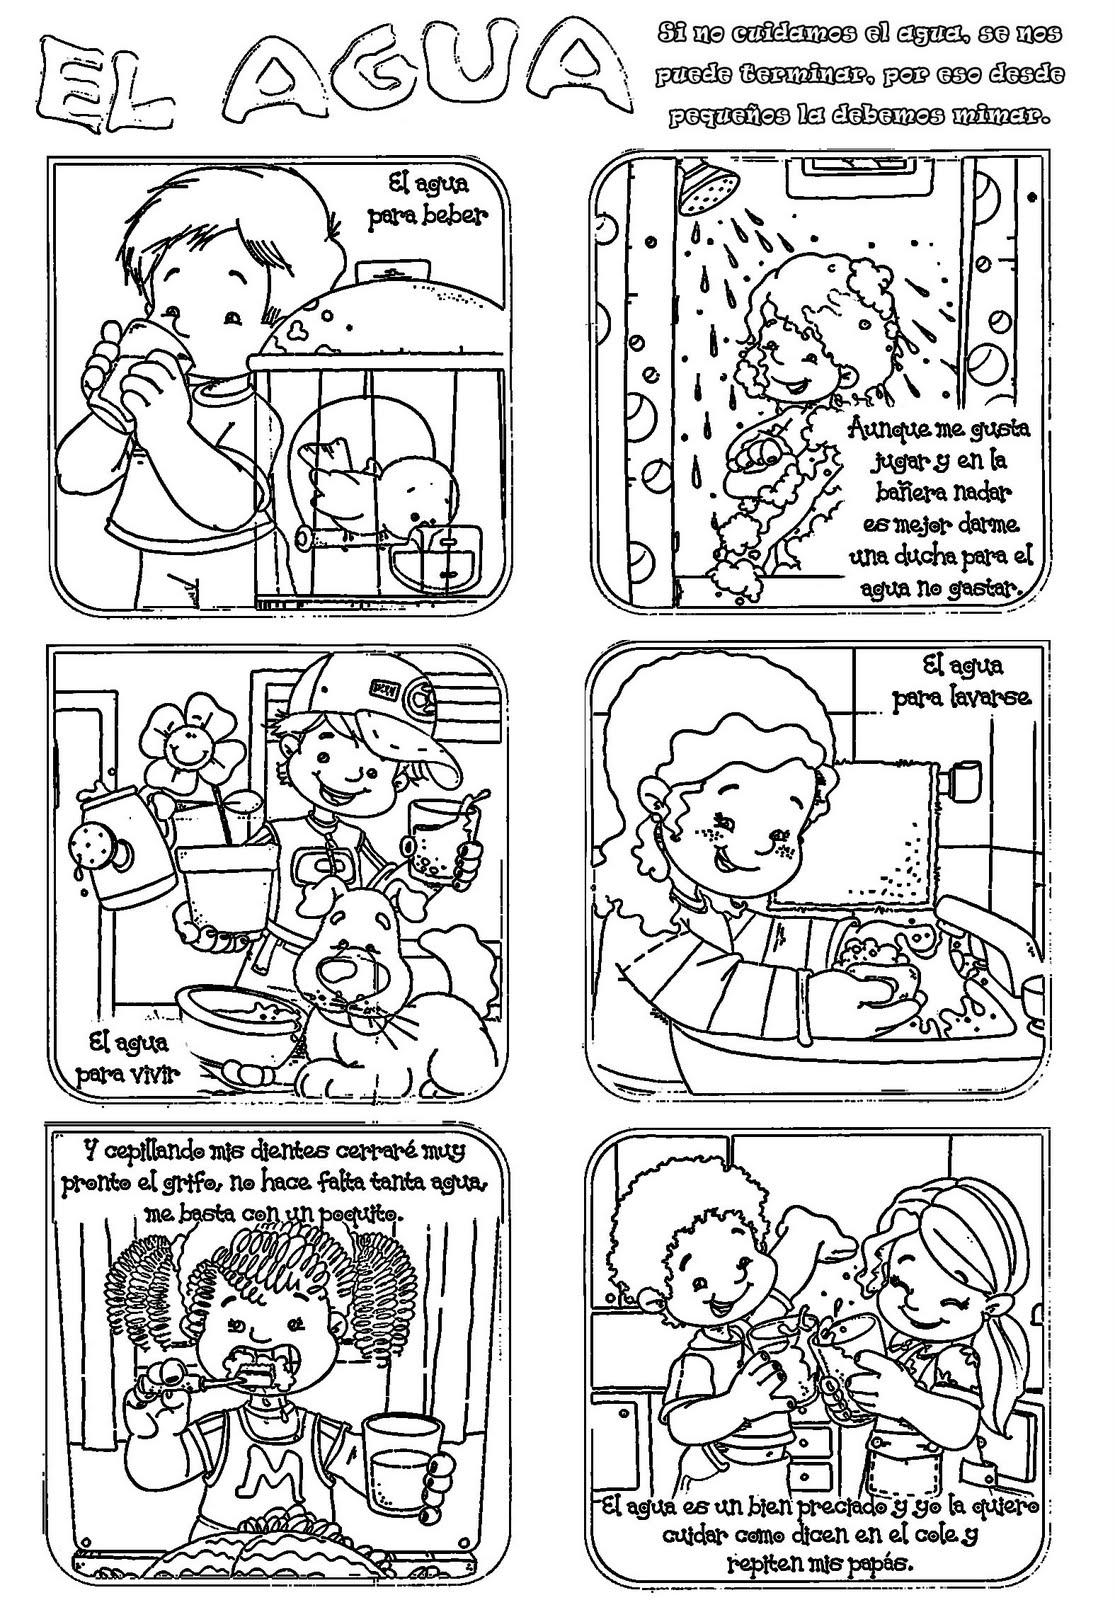 Imagenes De La Utilidad Del Agua | apexwallpapers.com